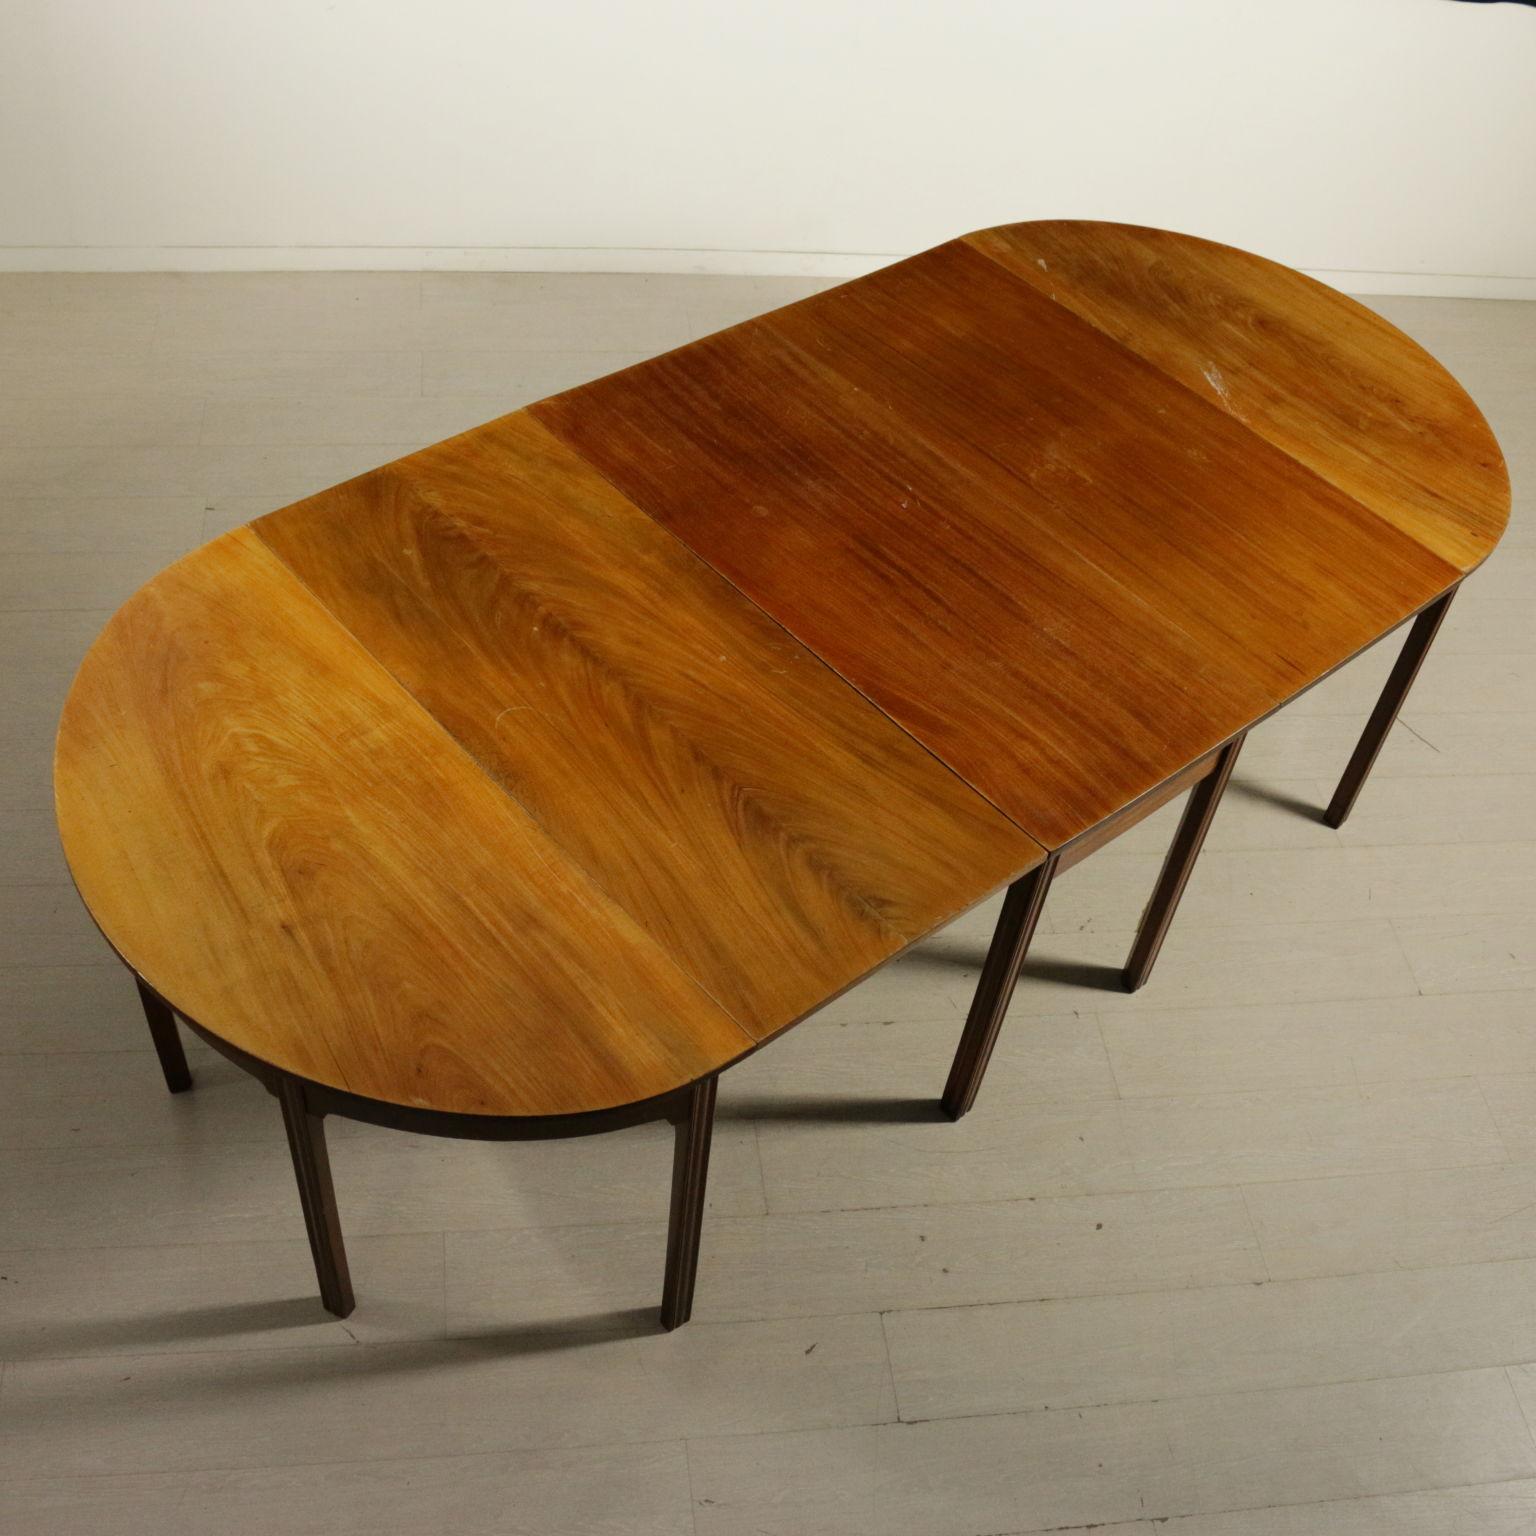 Tisch kuchenzeile und ausziehbarer stilvolle mobel for Standard küchenzeile ma e